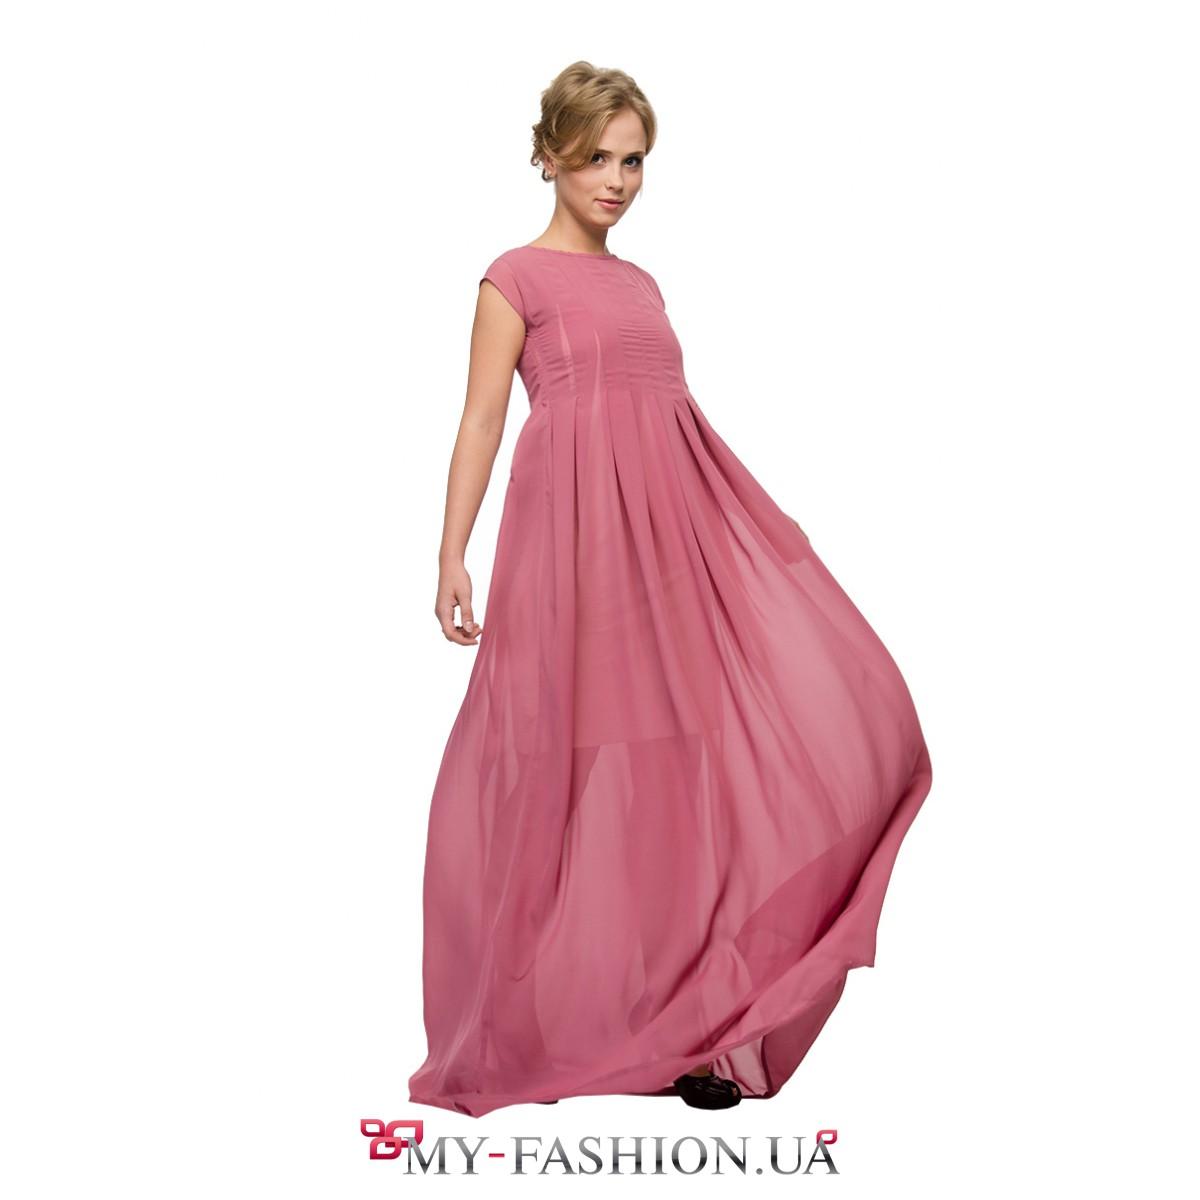 платье красивое р 54 купить в ульяновске